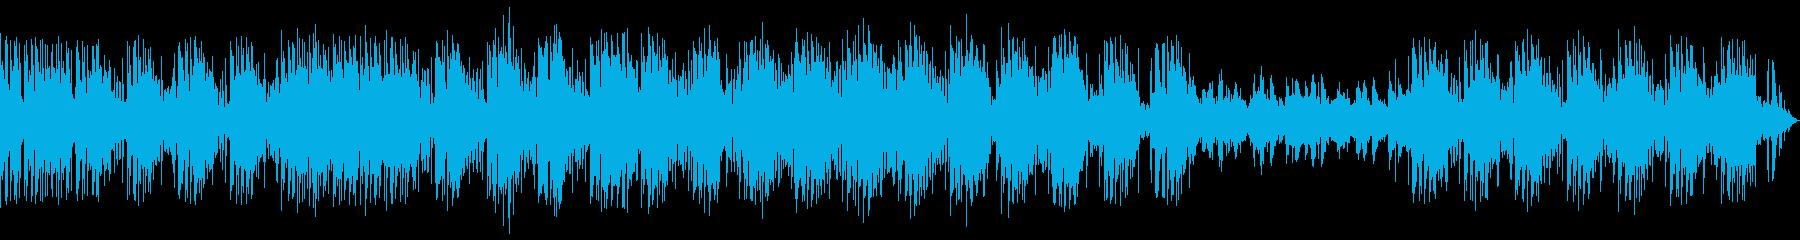 独特な雰囲気で響きが特徴的なメロディーの再生済みの波形